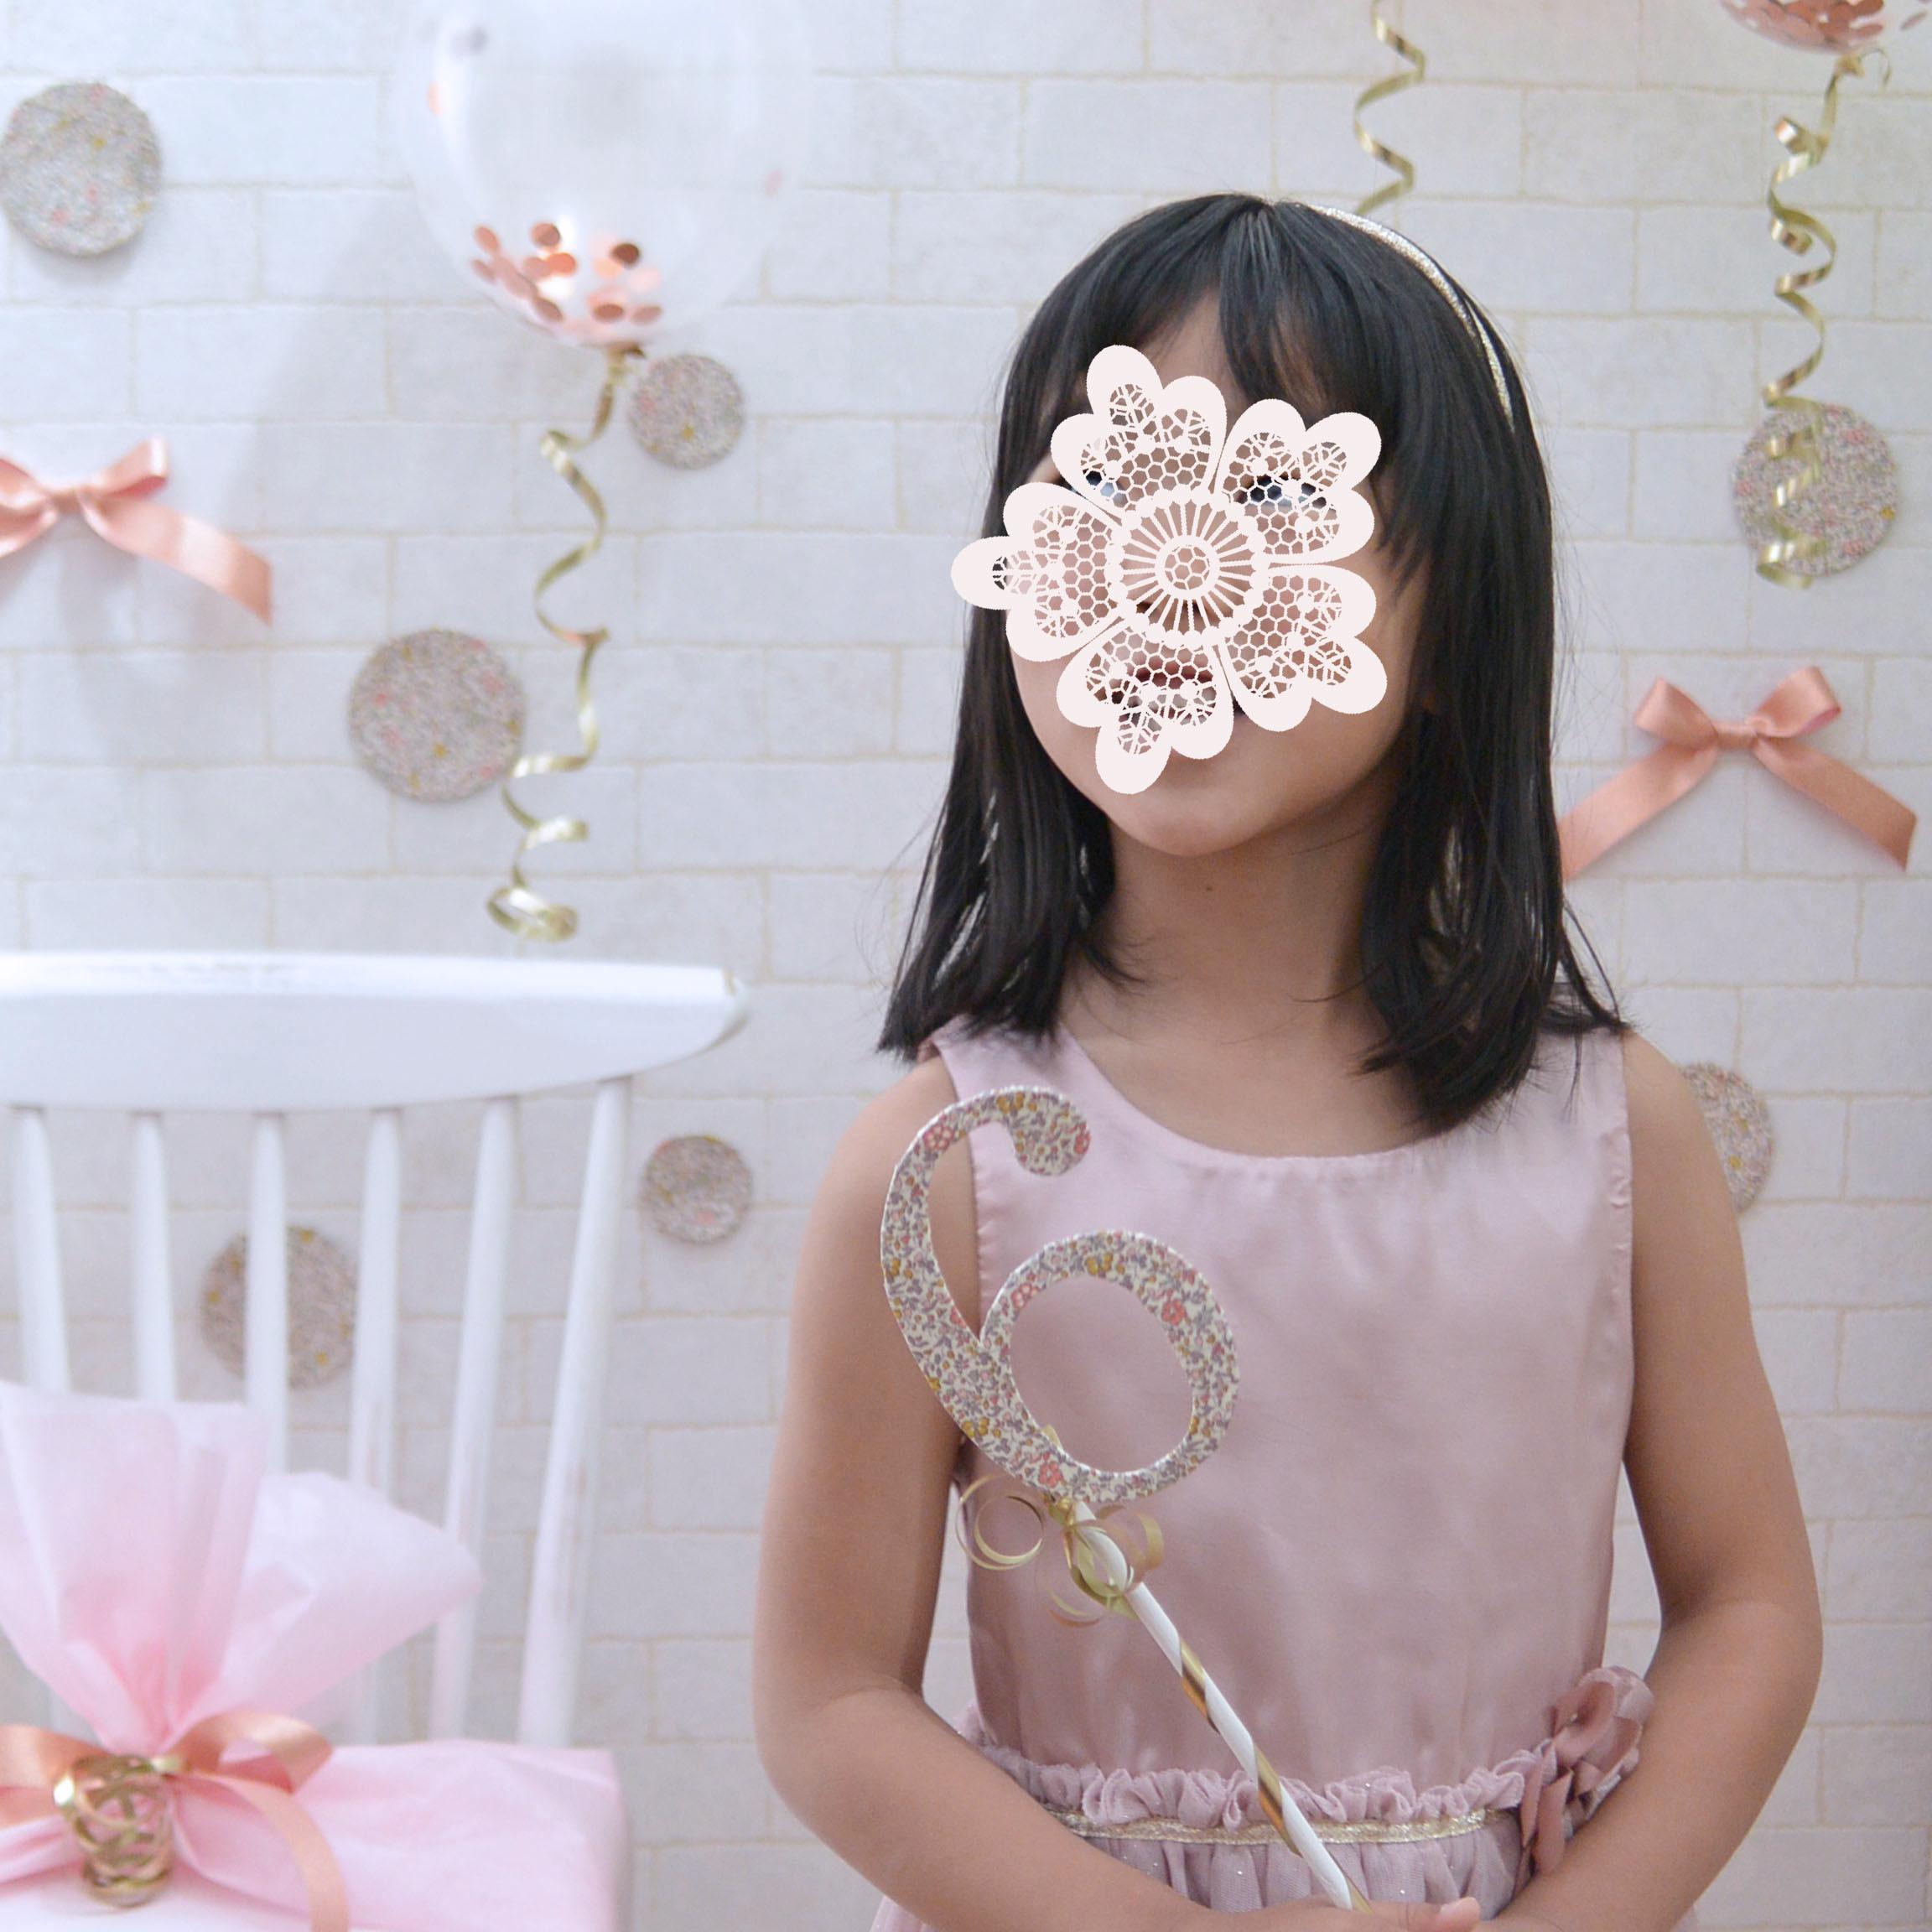 ◆デコパージュ*6歳ナンバースティック_f0251032_17452916.jpg